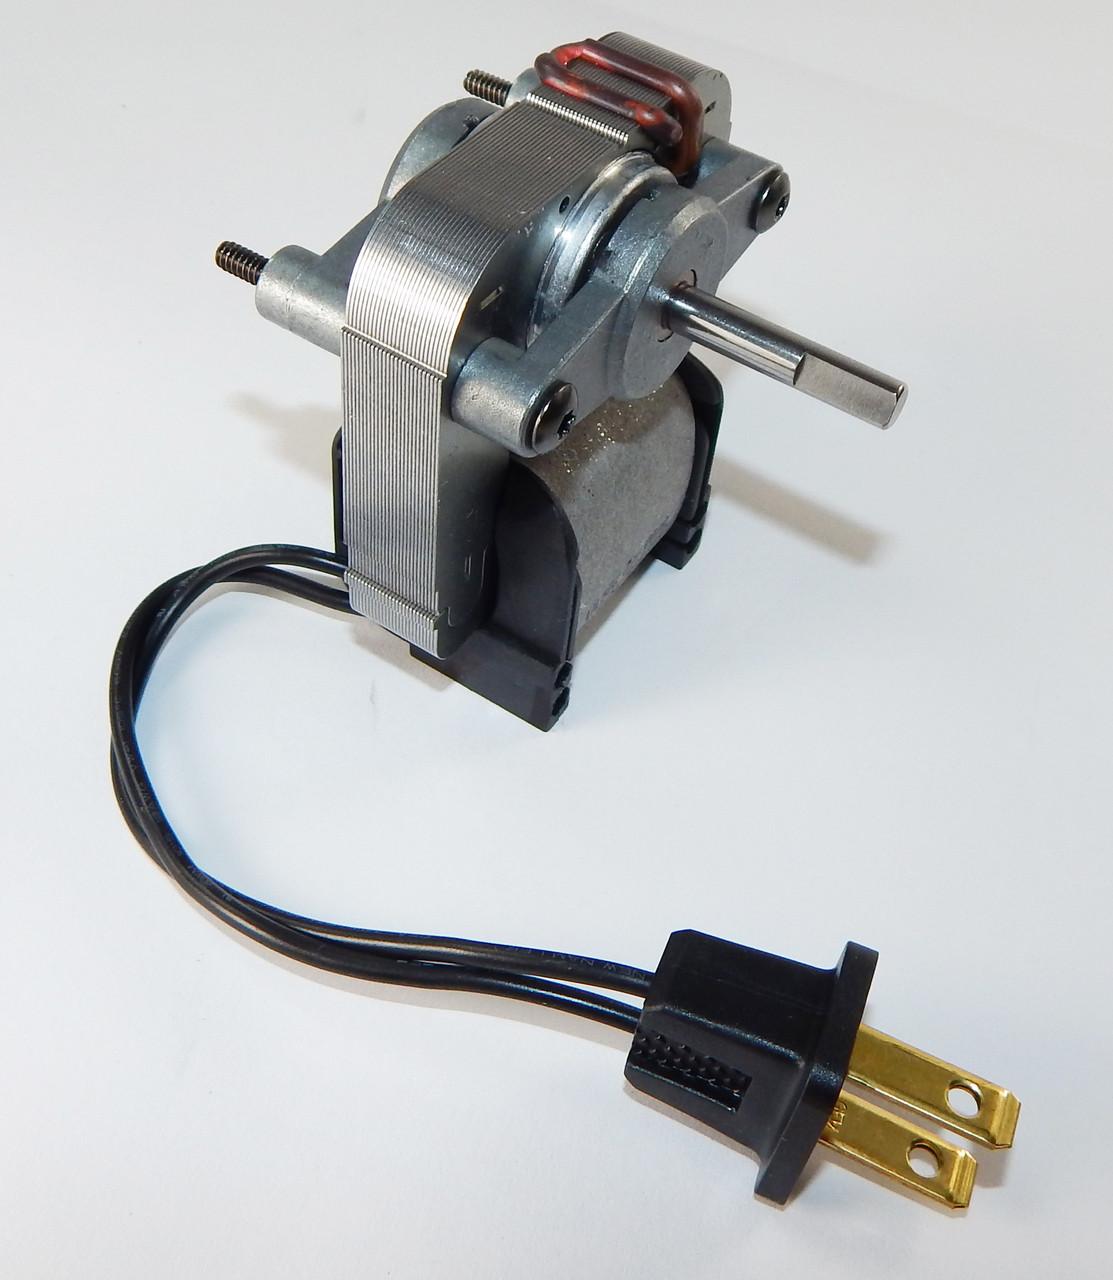 broan exhaust fan wiring diagram model 678 [ 1113 x 1280 Pixel ]